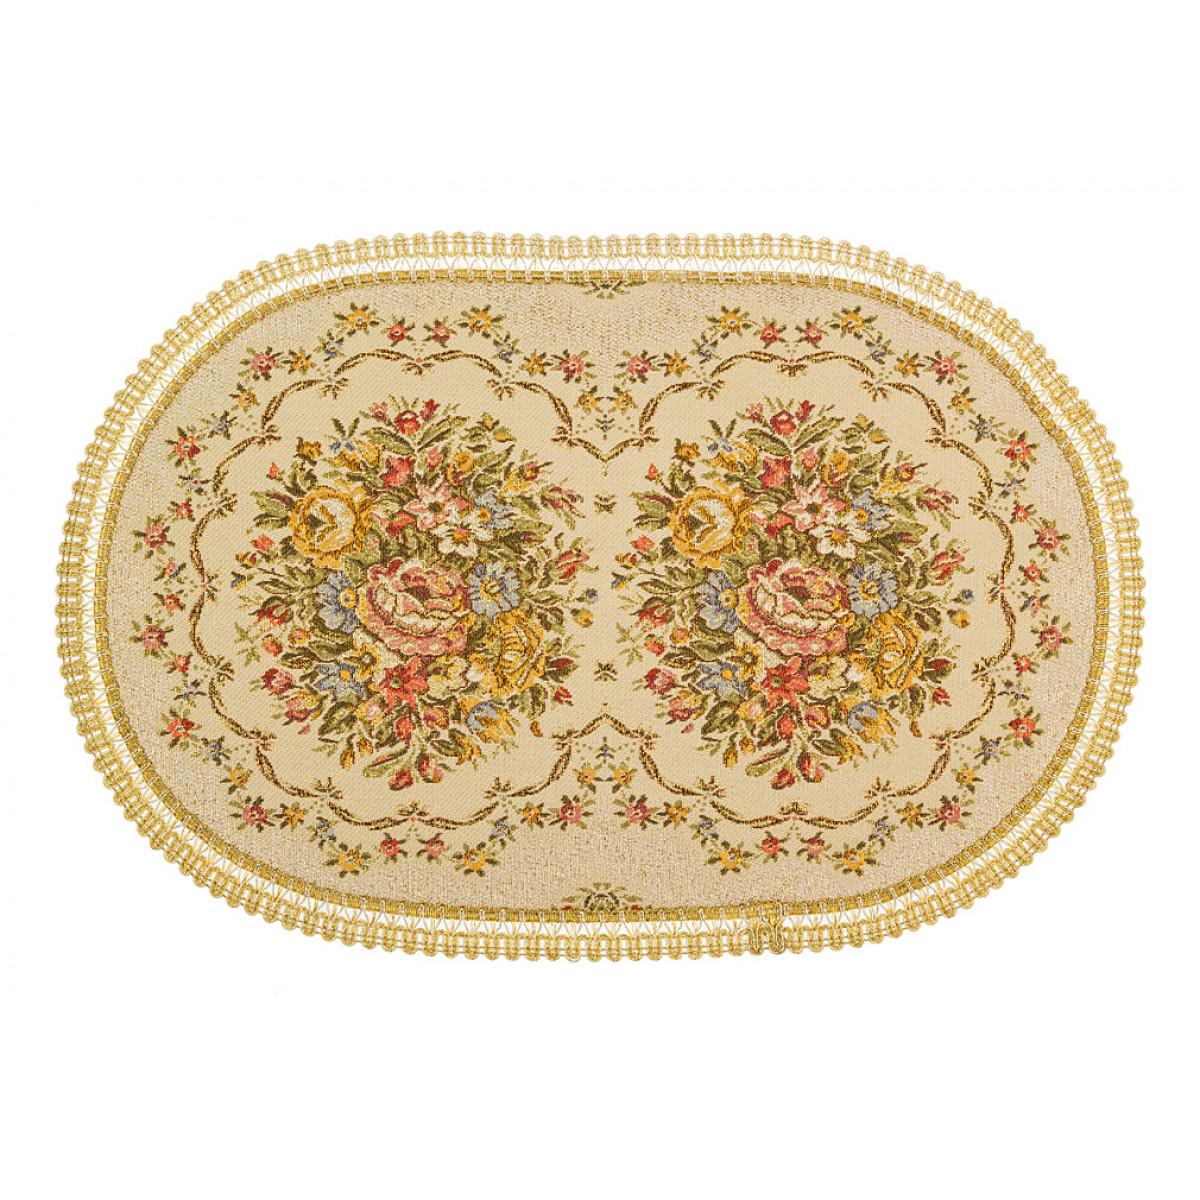 Скатерти и салфетки Lefard Салфетки Rosalind  (32х48 см) салфетка декоративная lefard 48 32 см